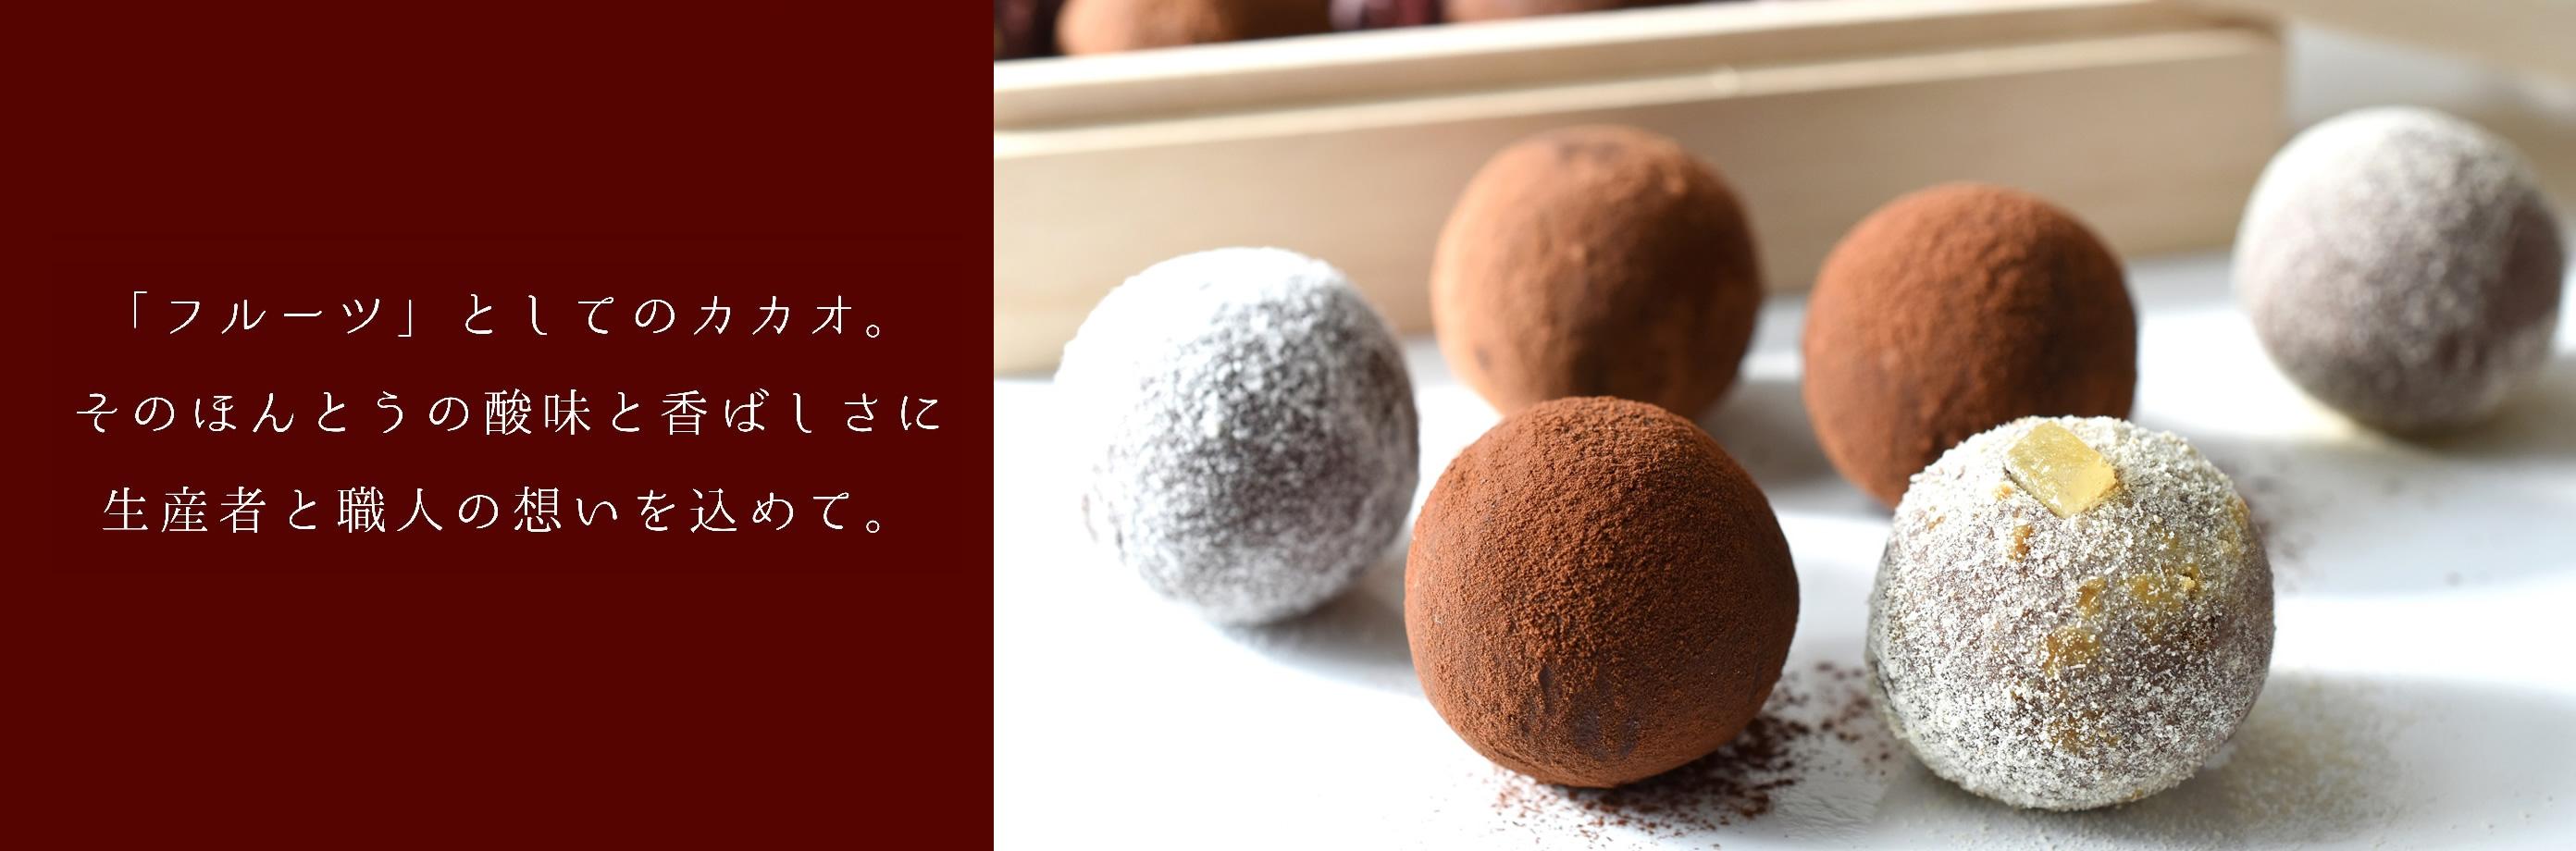 「フルーツ」としてのカカオ。そのほんとうの酸味と香ばしさに、生産者と職人の想いを込めて。